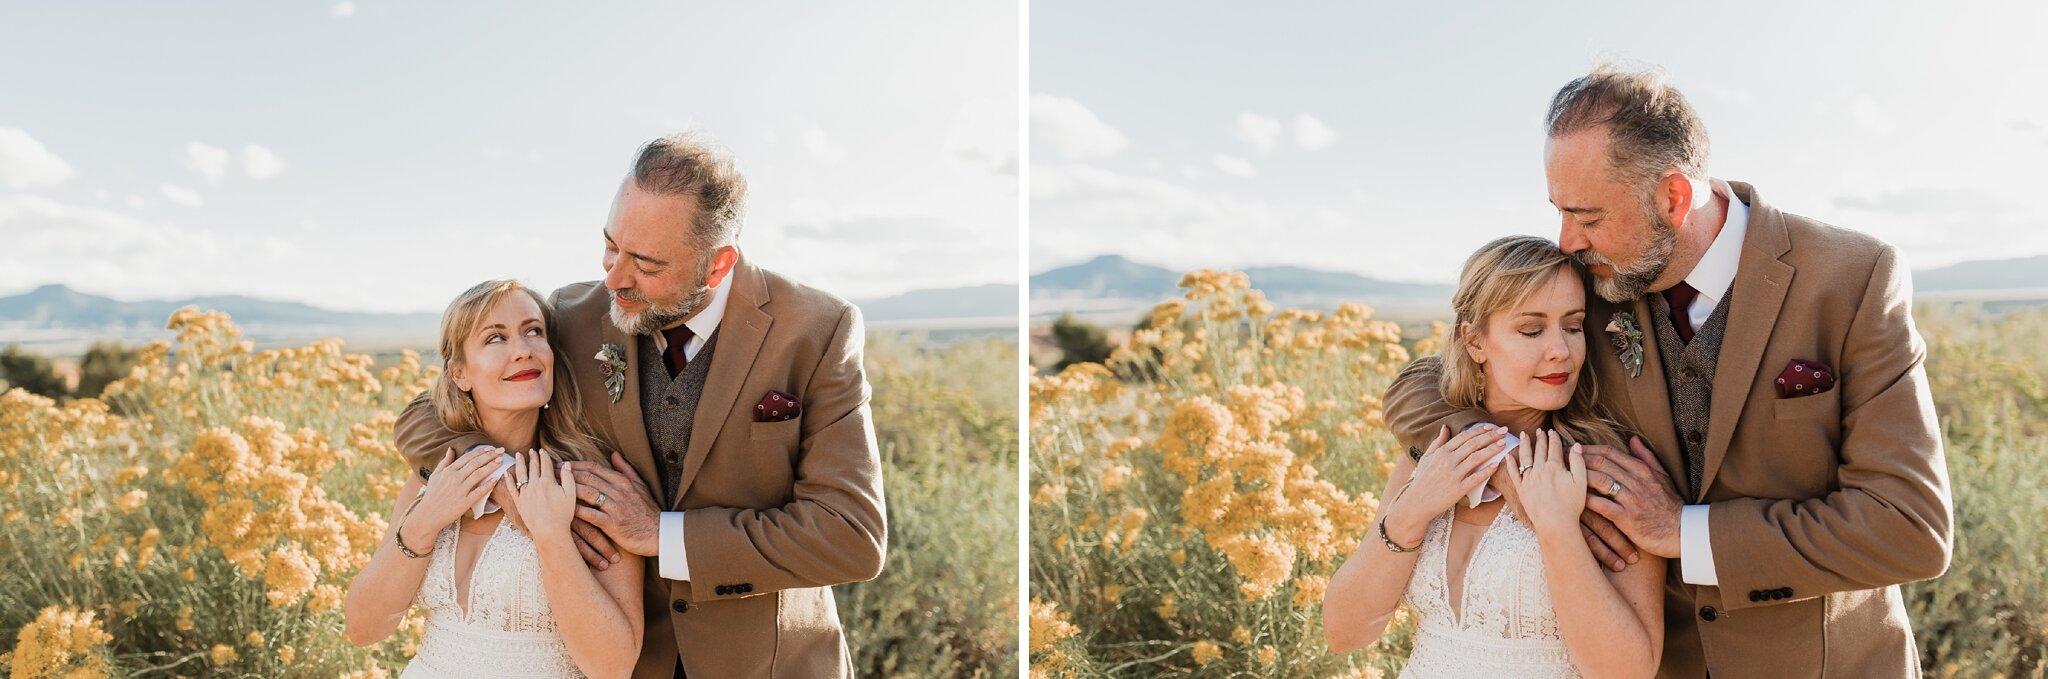 Alicia+lucia+photography+-+albuquerque+wedding+photographer+-+santa+fe+wedding+photography+-+new+mexico+wedding+photographer+-+new+mexico+wedding+-+wedding+-+santa+fe+wedding+-+ghost+ranch+-+ghost+ranch+wedding+-+fall+wedding_0065.jpg